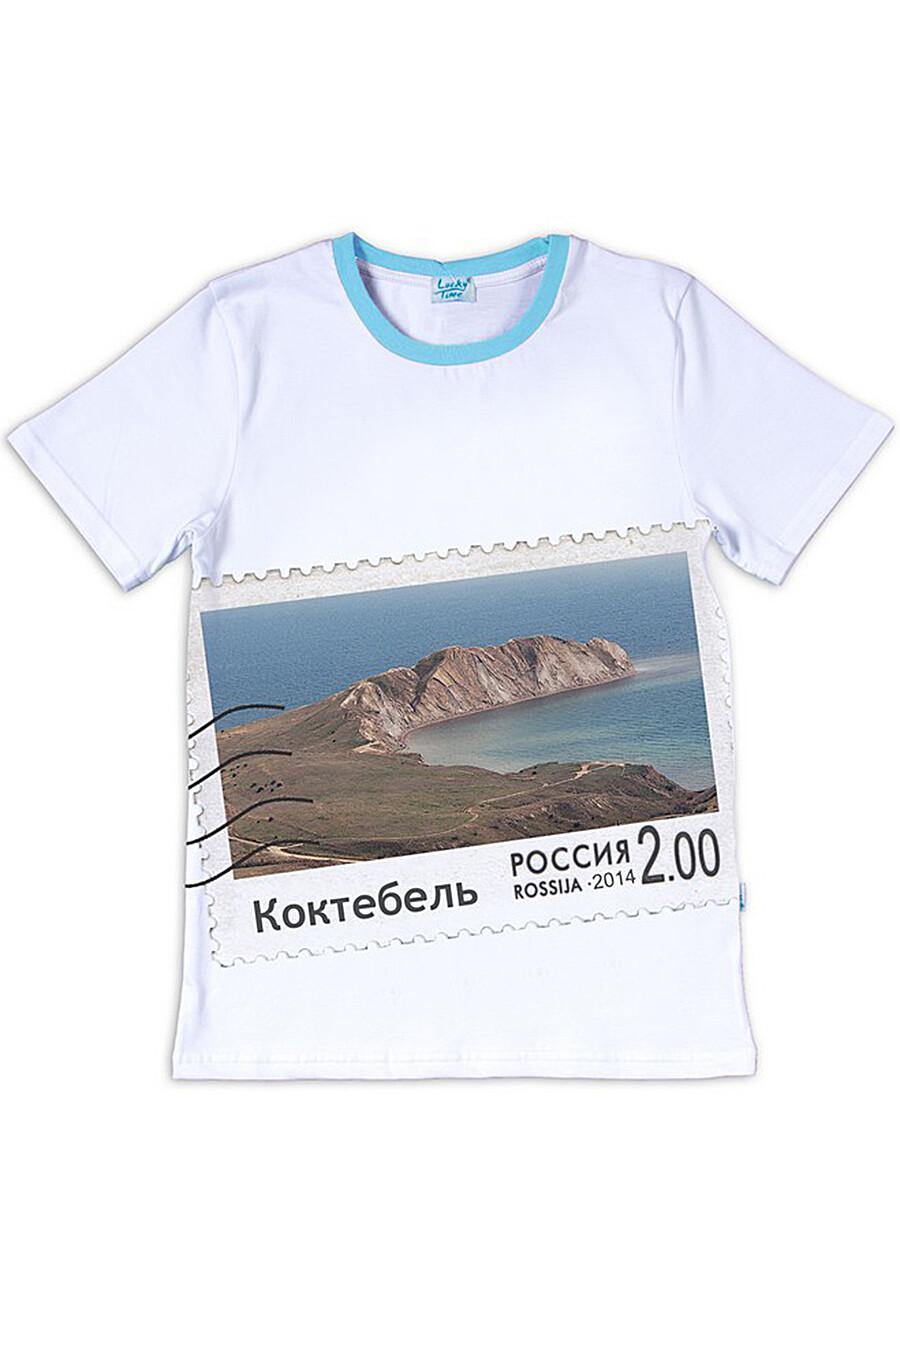 Джемпер для женщин Archi 131400 купить оптом от производителя. Совместная покупка женской одежды в OptMoyo